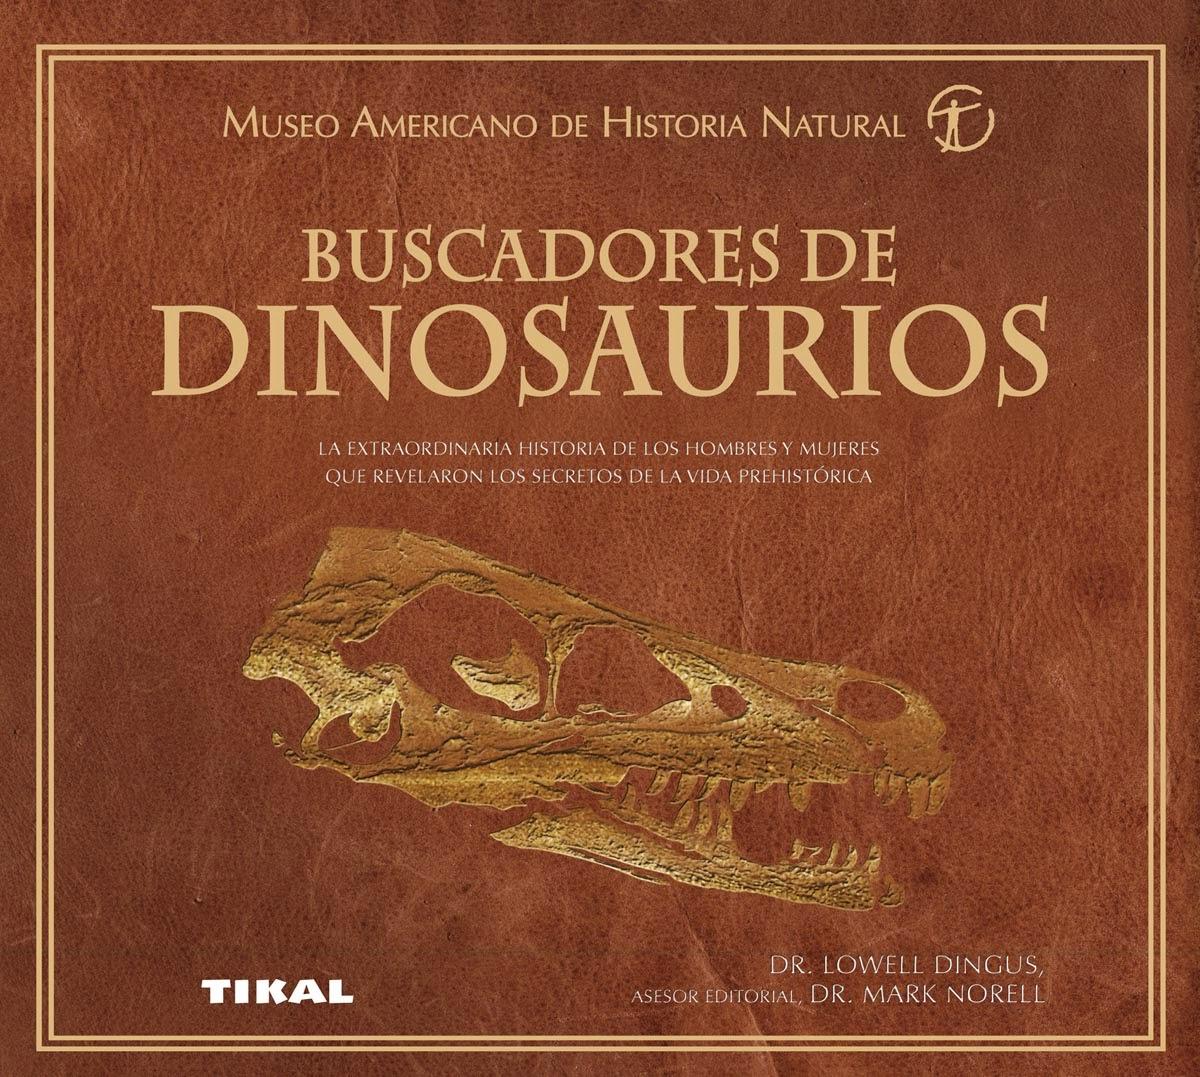 Buscadores de Dinosaurios TIKAL